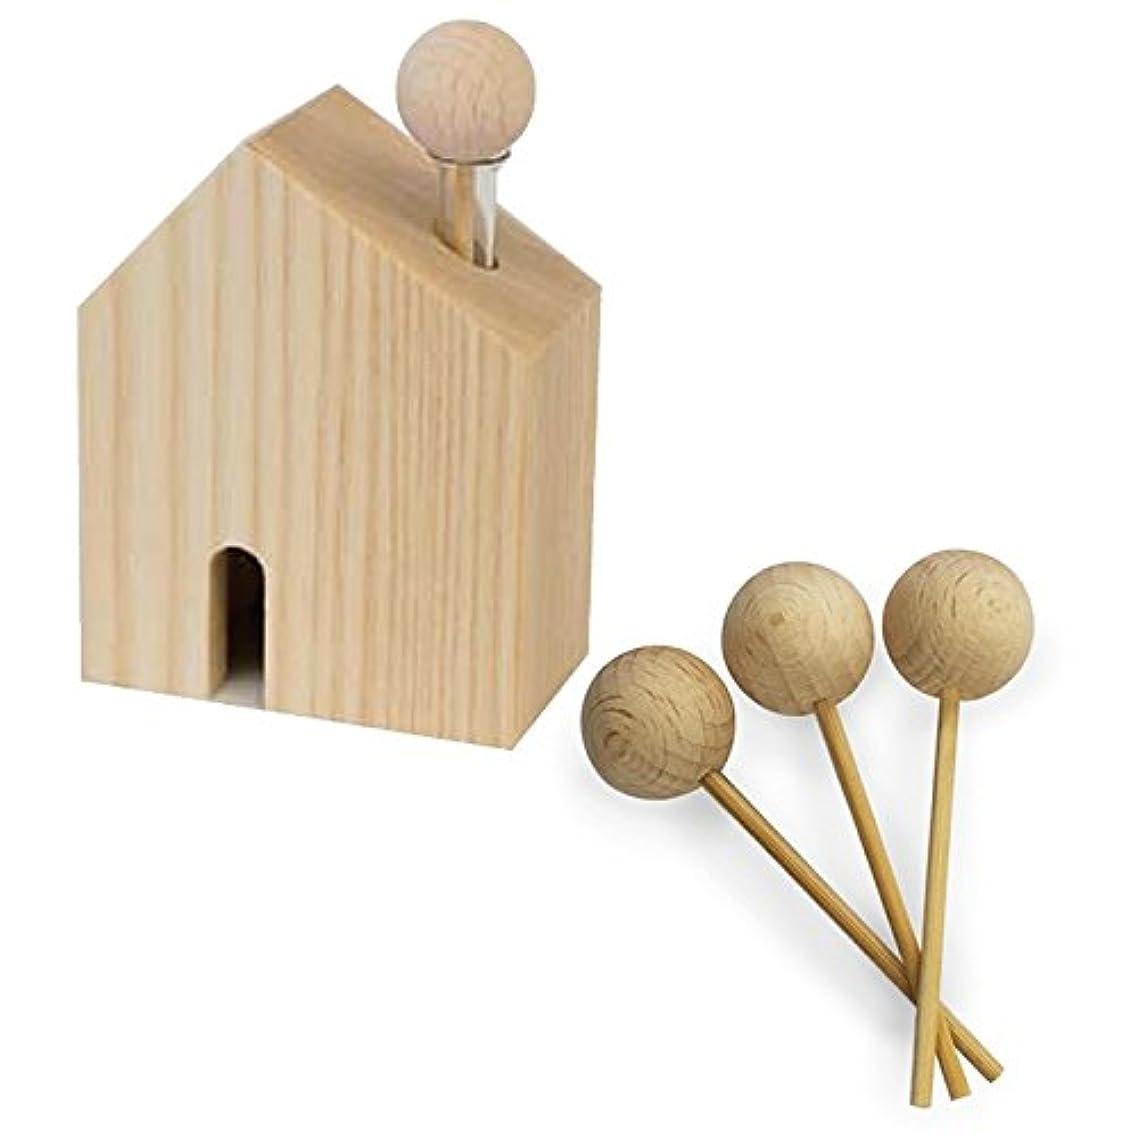 ワイヤーピアノ採用するHARIO ハリオ アロマ芳香器 木のお家 交換用木製スティック3本付